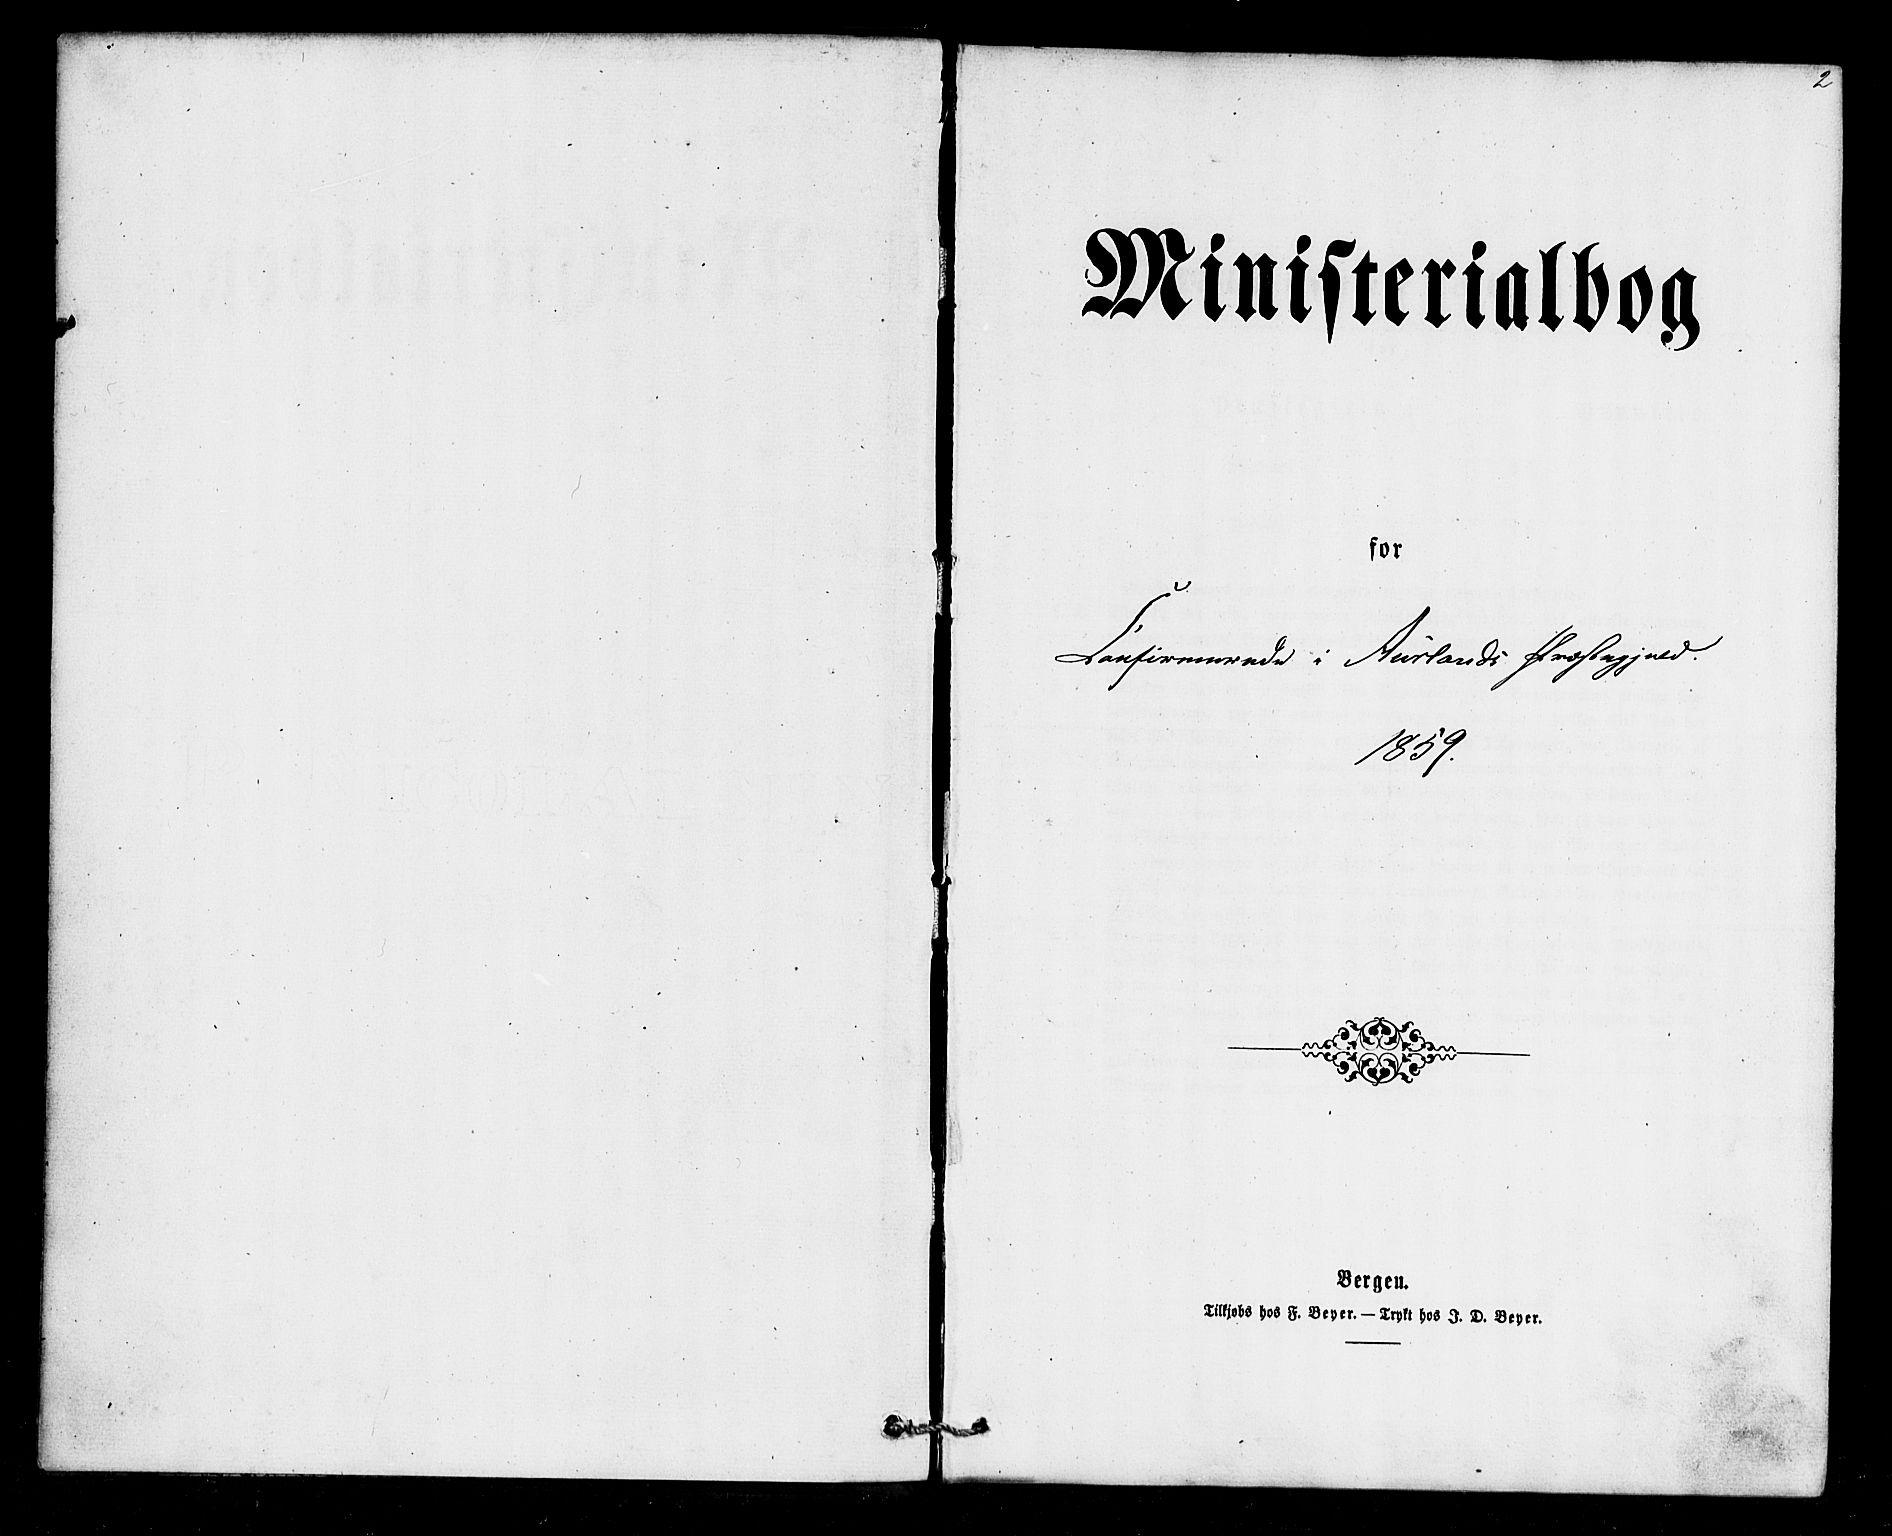 SAB, Aurland Sokneprestembete*, Ministerialbok nr. A 9, 1859-1879, s. 2